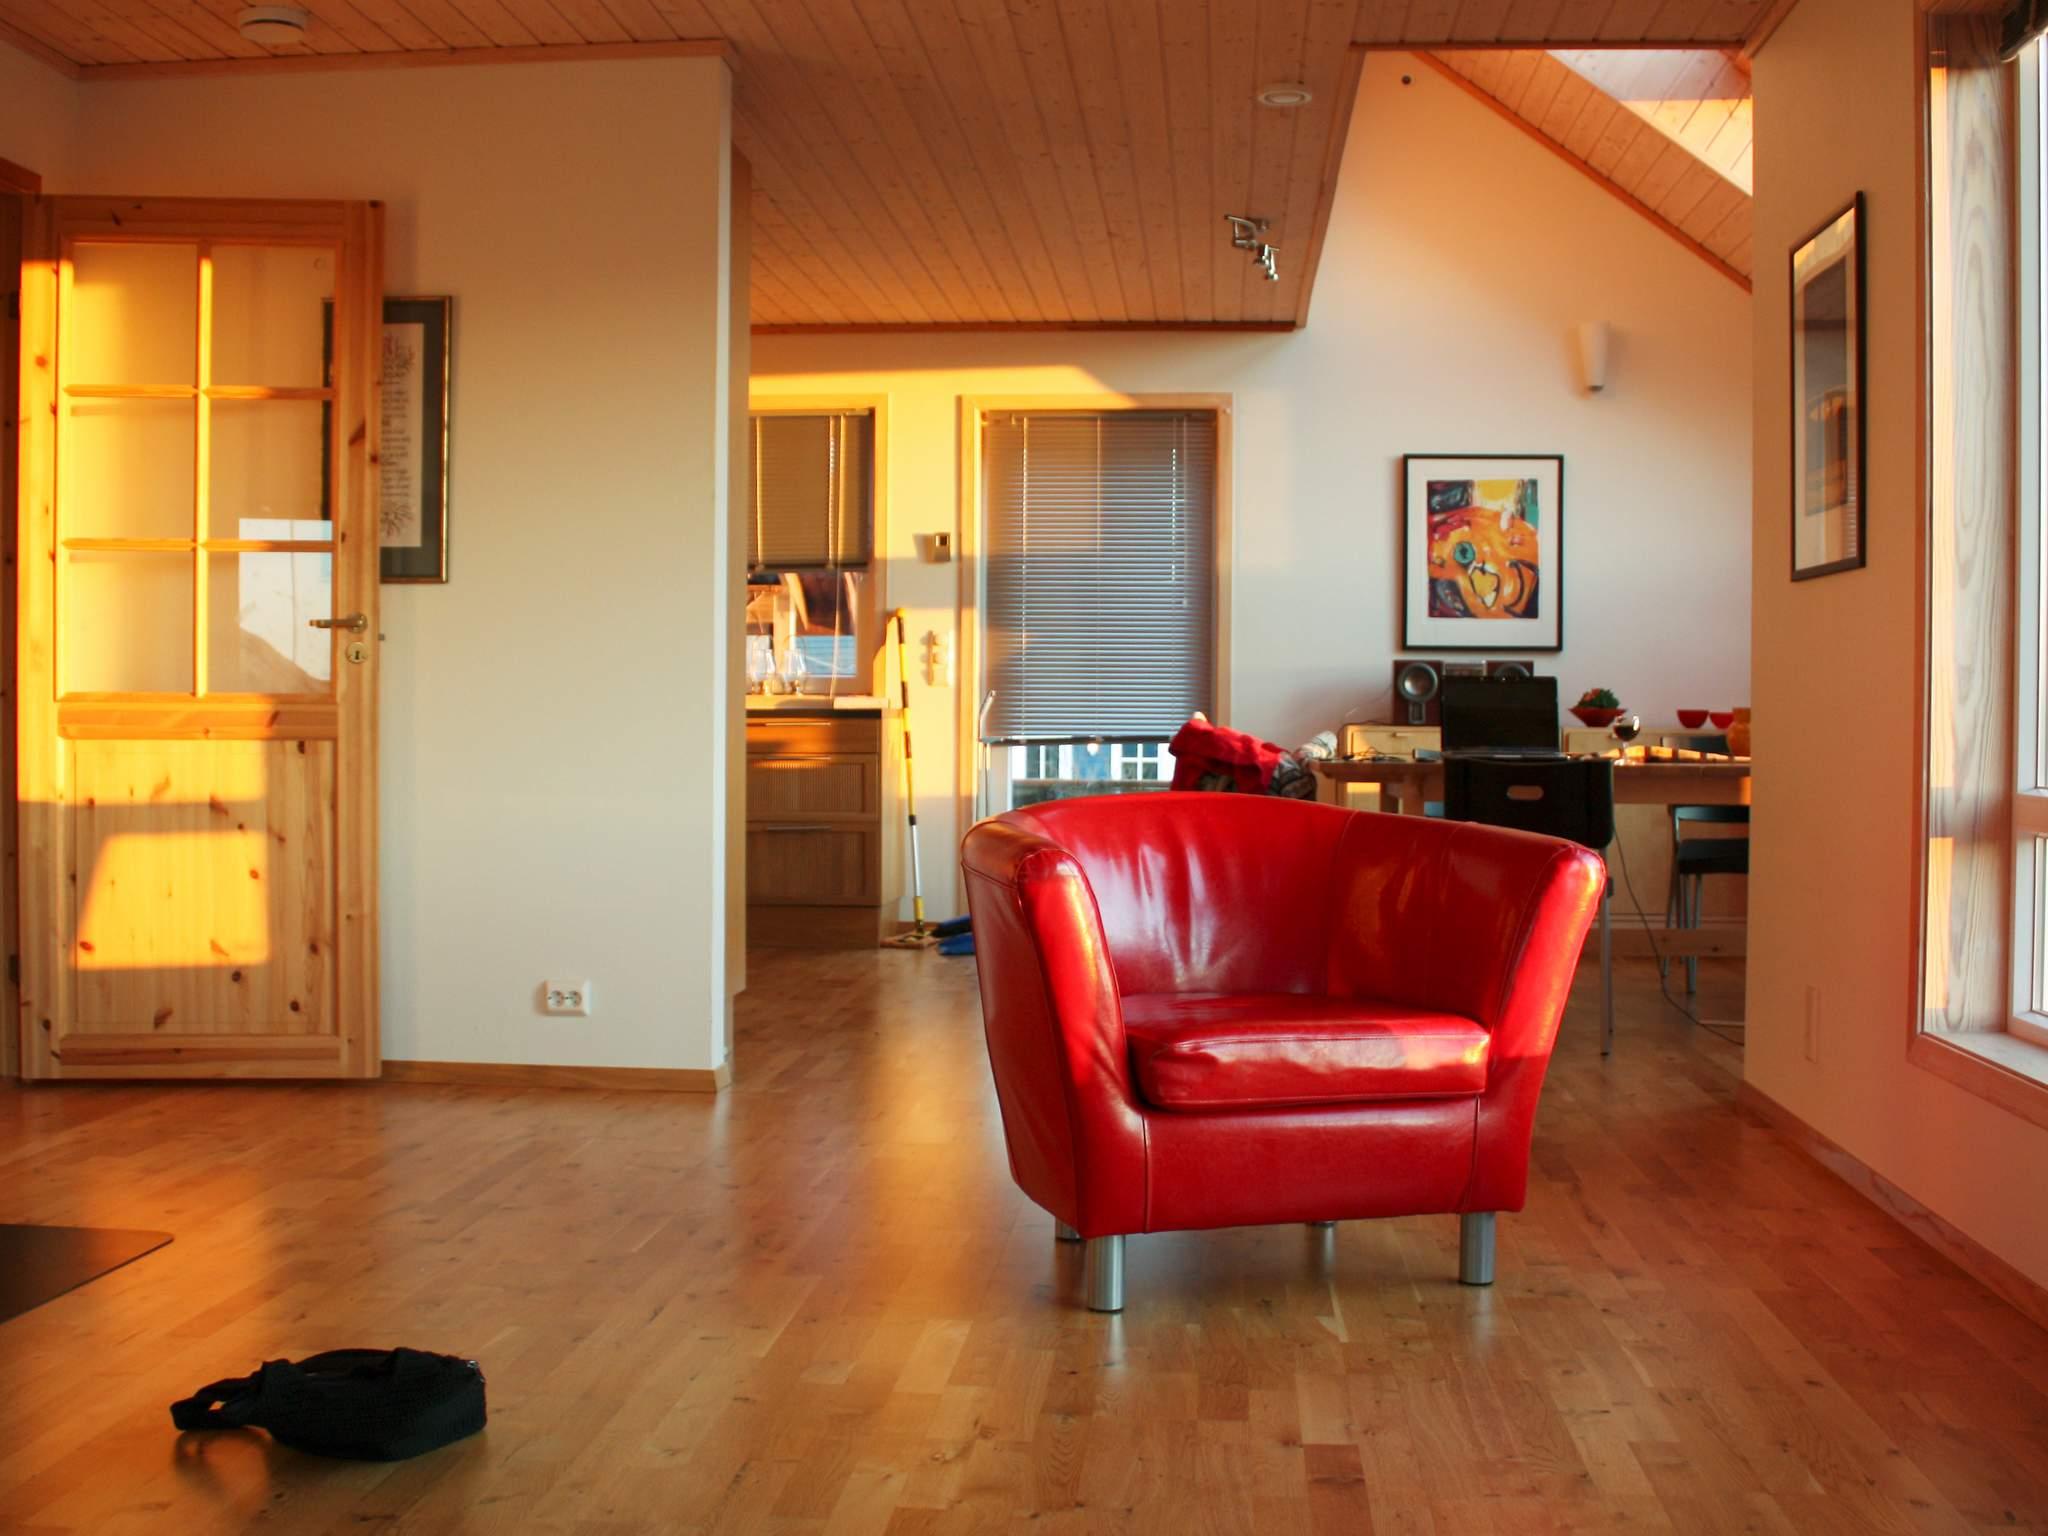 Ferienhaus Sirevaag (135568), Sirevåg, Rogaland - Boknalfjord, Westnorwegen, Norwegen, Bild 2